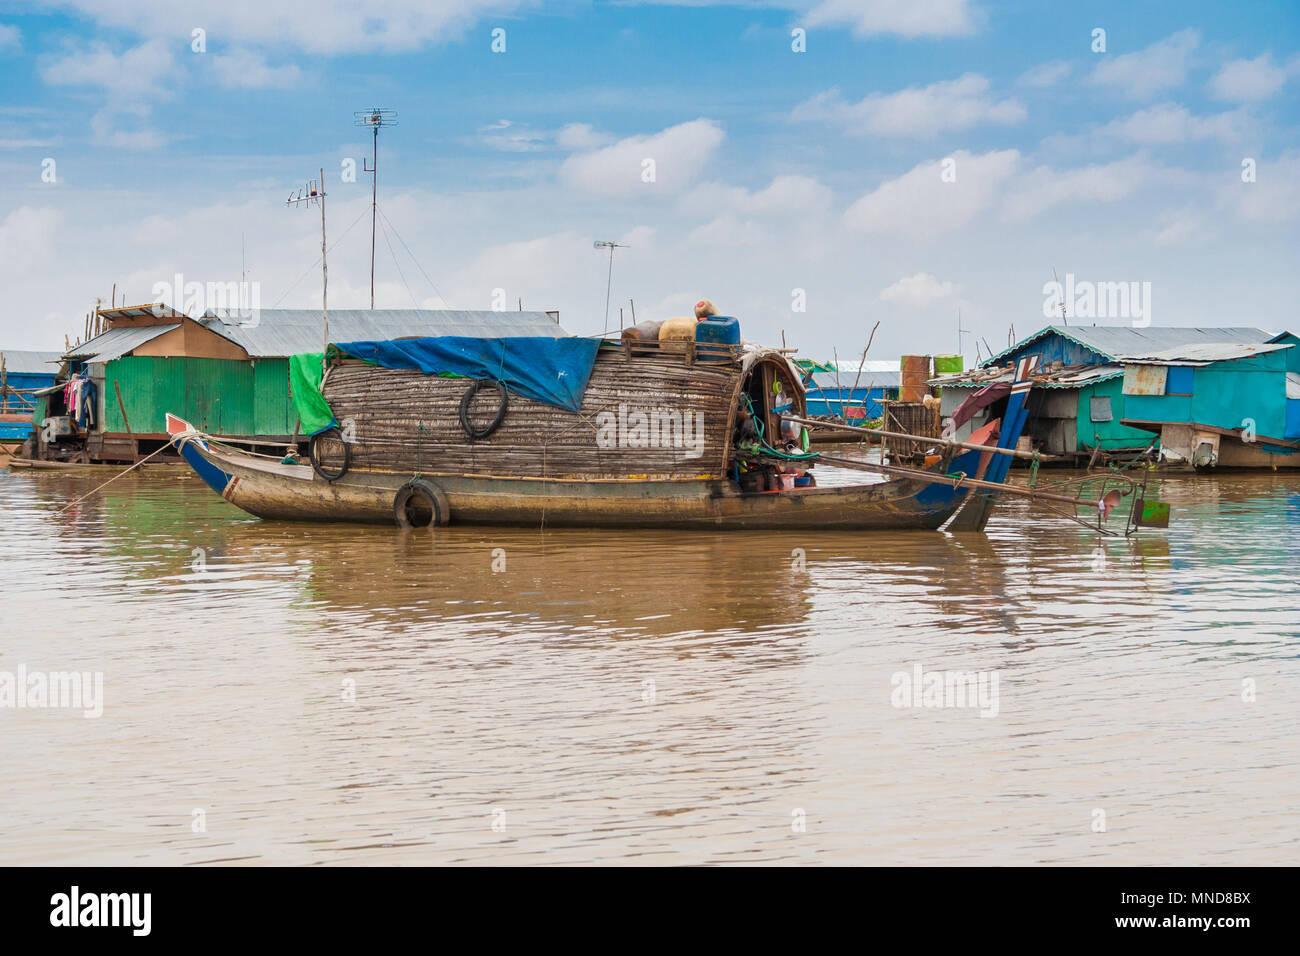 Un sampan-come barca, incluso un piccolo rifugio con un tetto inclinato di legno e paglia che potrebbe essere una stabile dimora a Chong Kneas. Immagini Stock